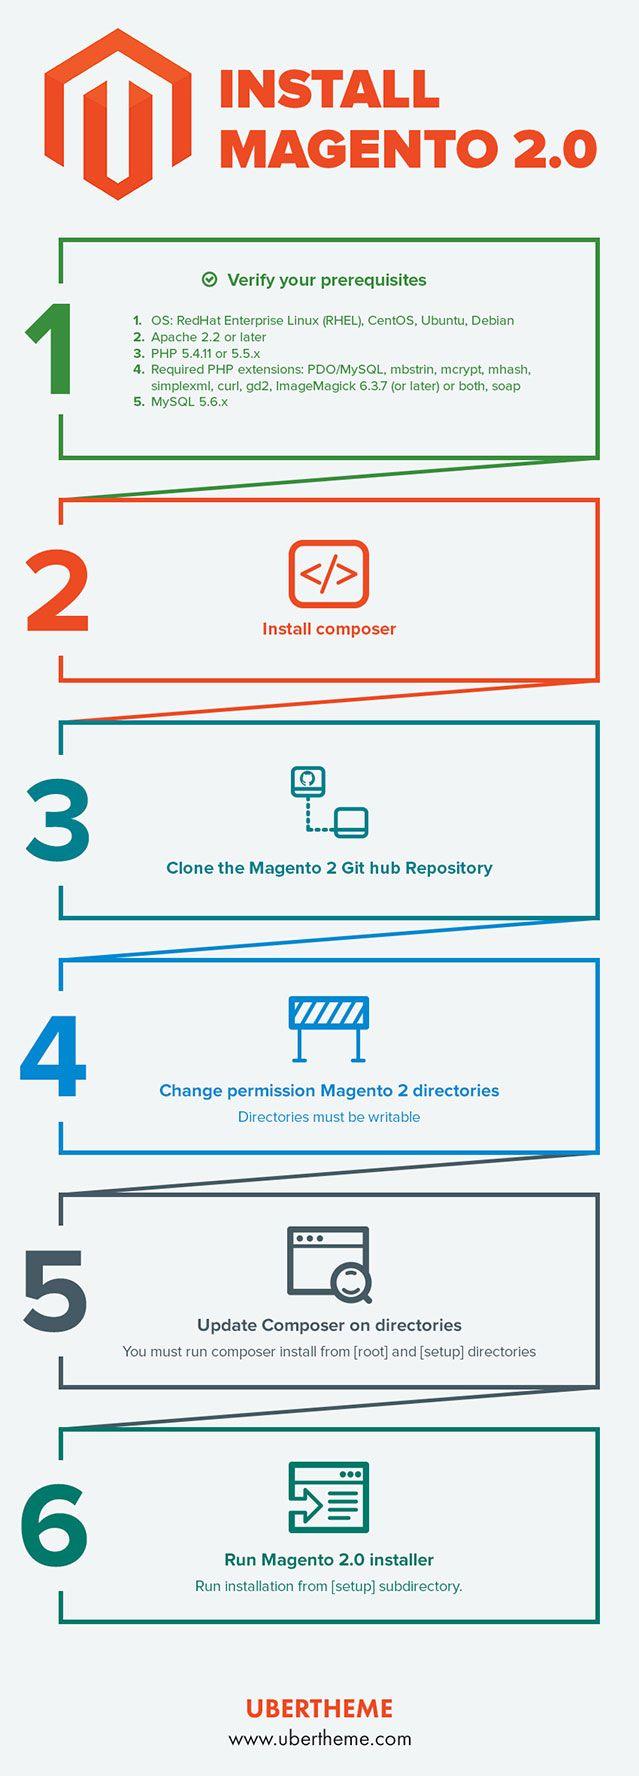 How to install the latest Magento 2 alpha 106  @ http://www.ubertheme.com/magento-news/magento-2-0-installation-guide/